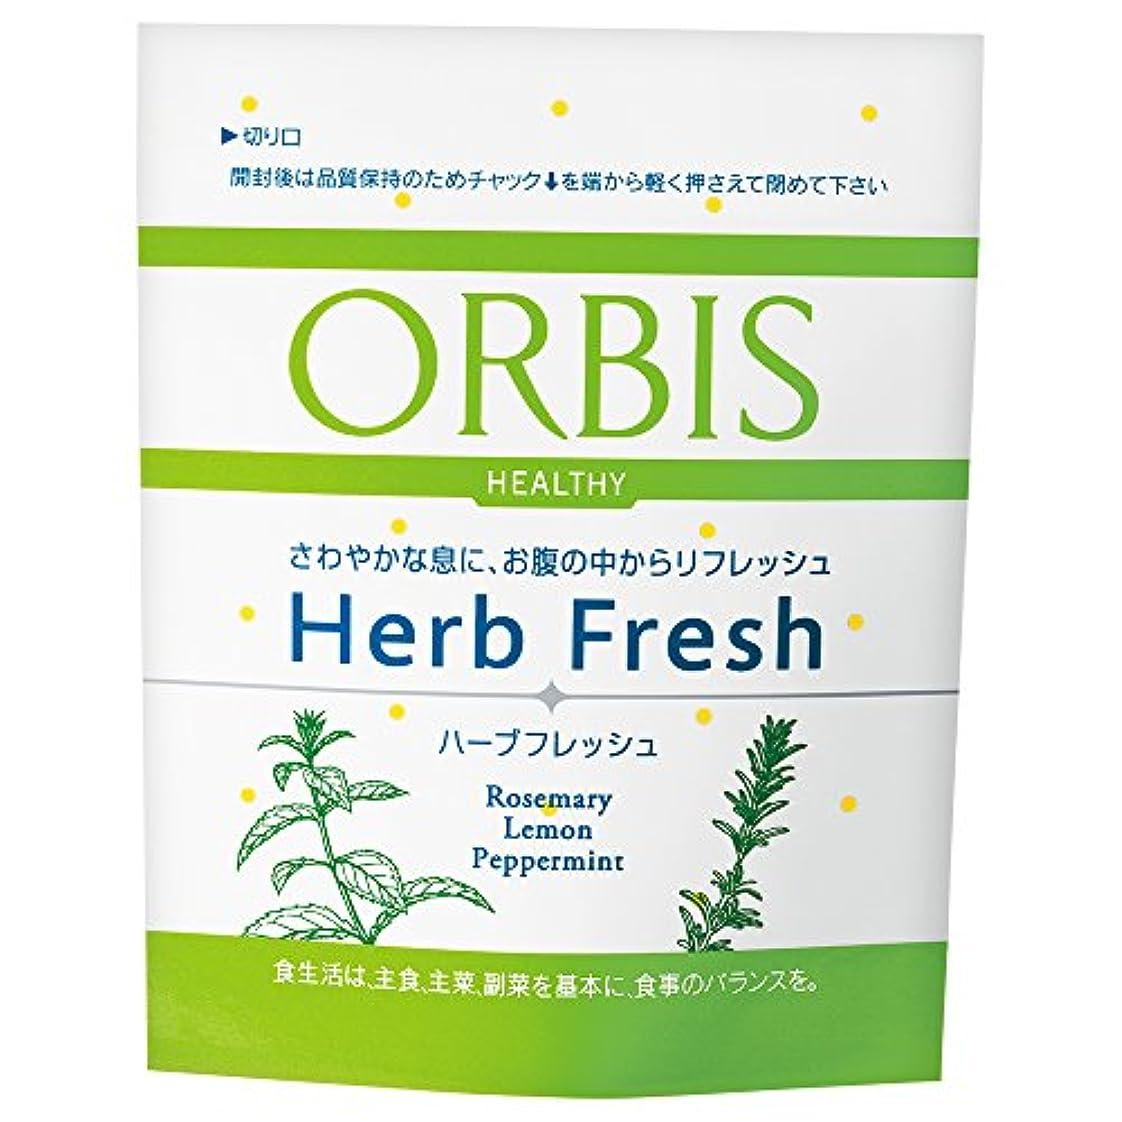 アークスタジアムスーパーオルビス(ORBIS) ハーブフレッシュ レギュラー 10~30日分(240mg×30粒) ◎エチケットサプリメント◎